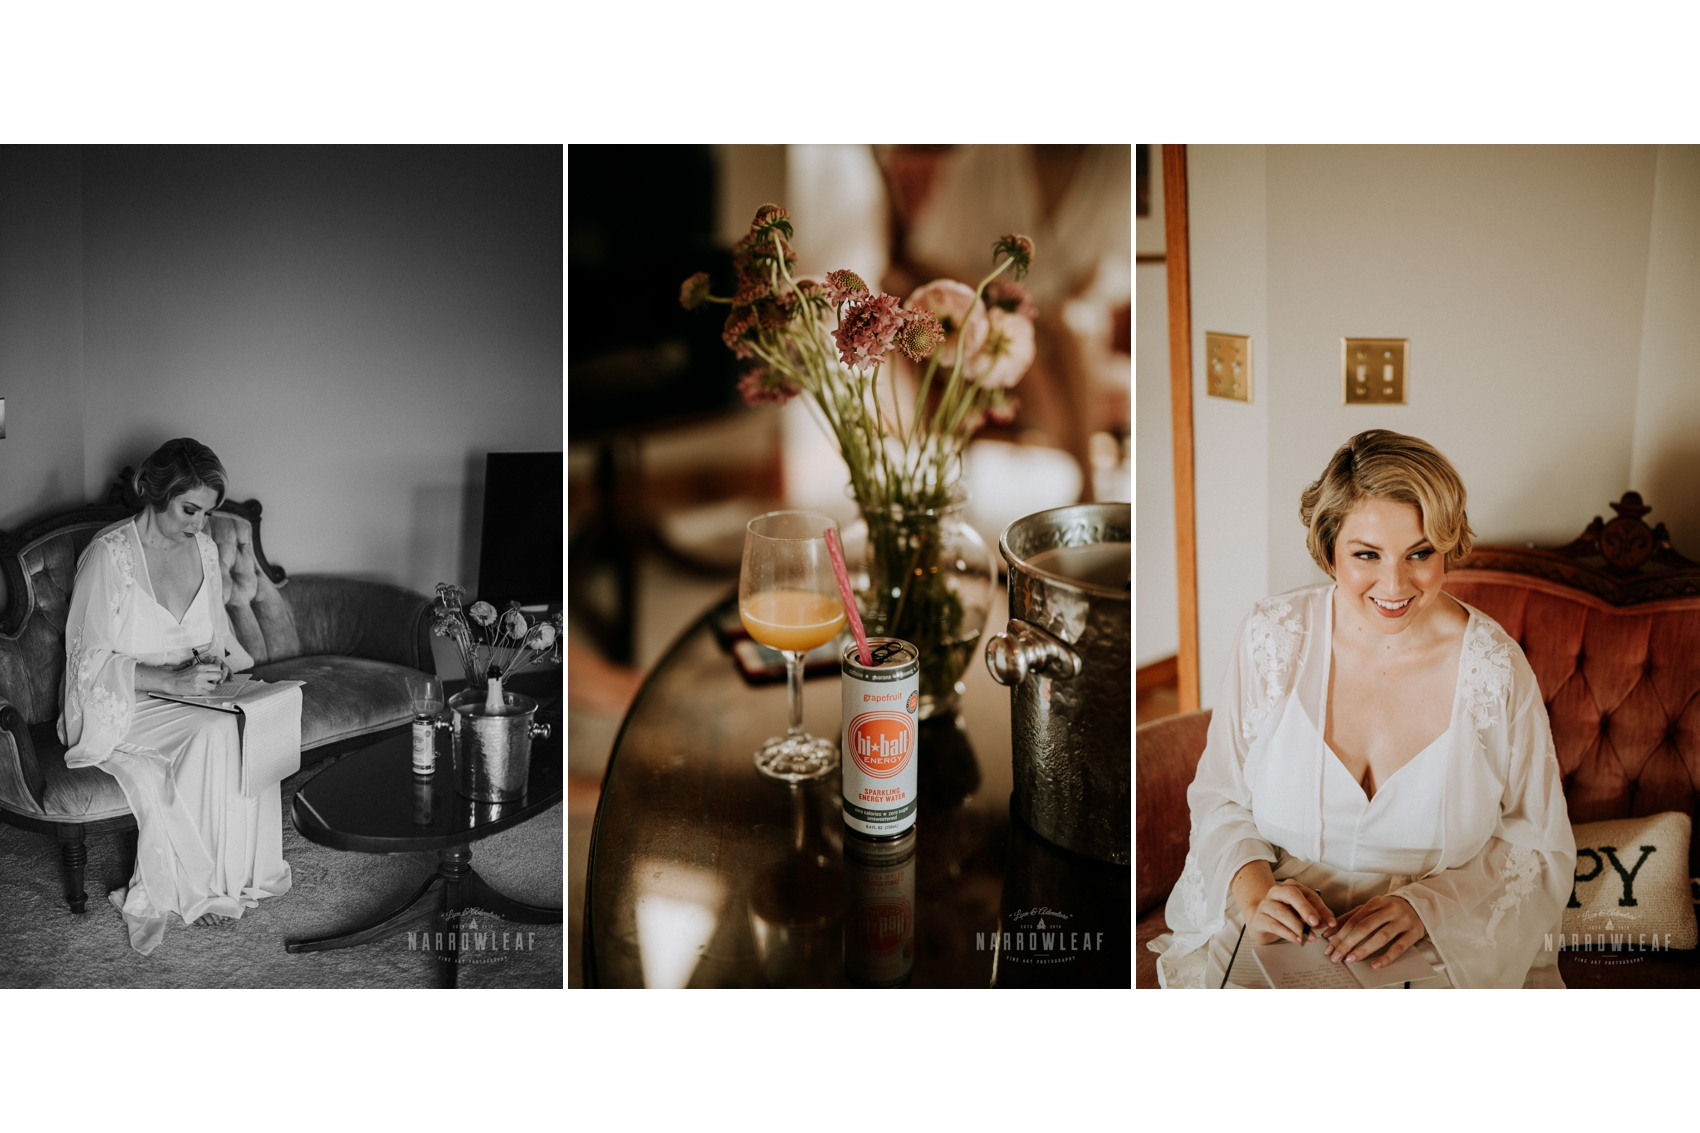 intimate-wisconsin-outdoor-wedding-photographer-003-004.jpg